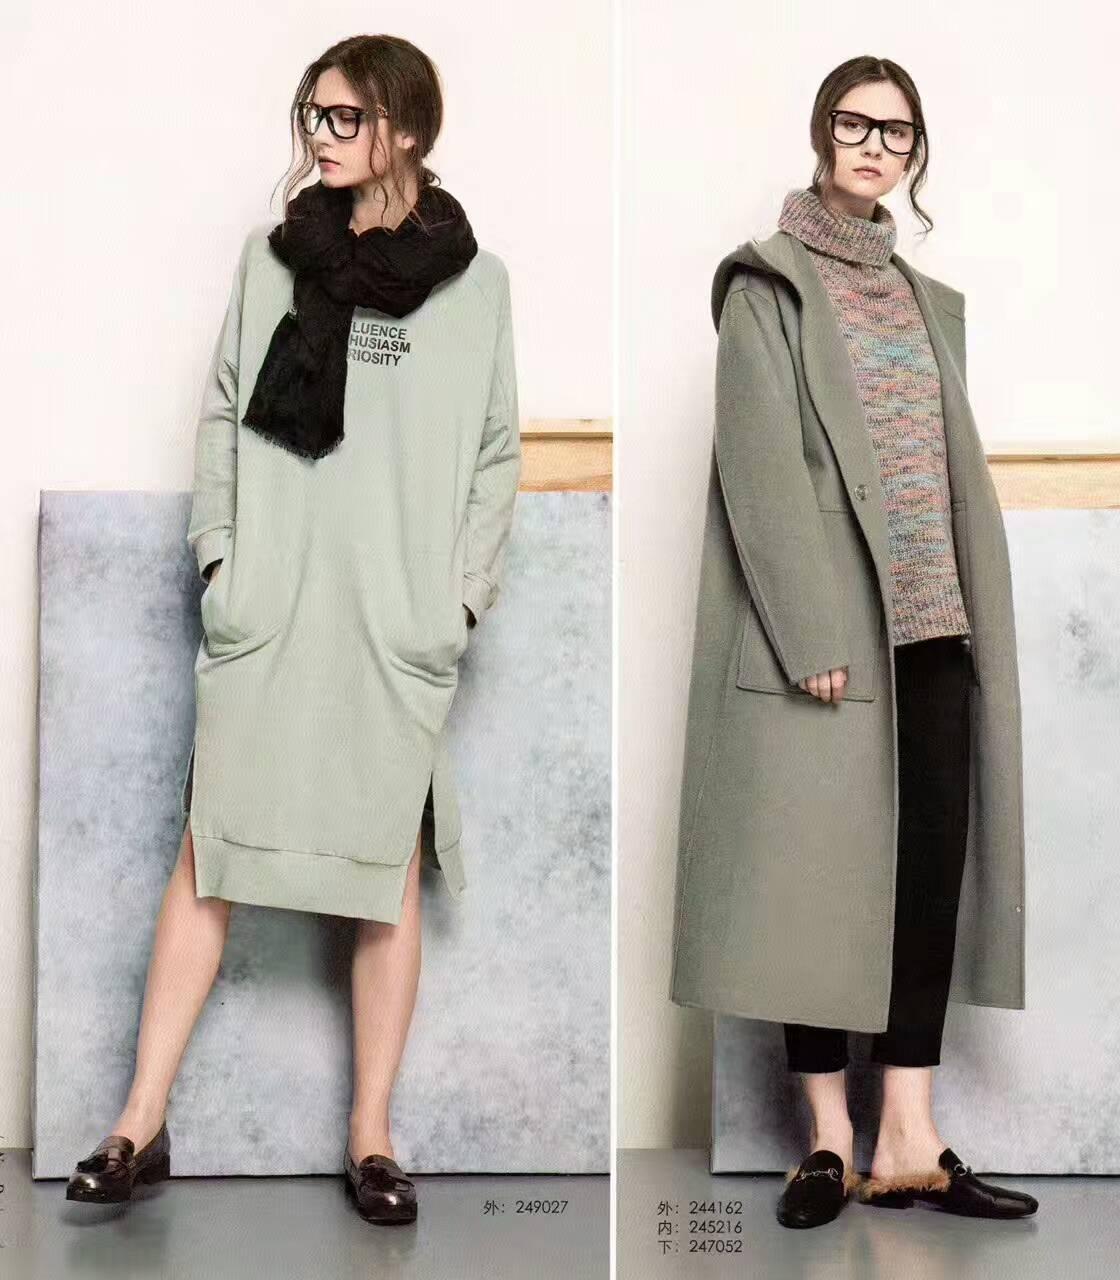 品牌折扣女装货源如何更好的选择,广州司合伊女装